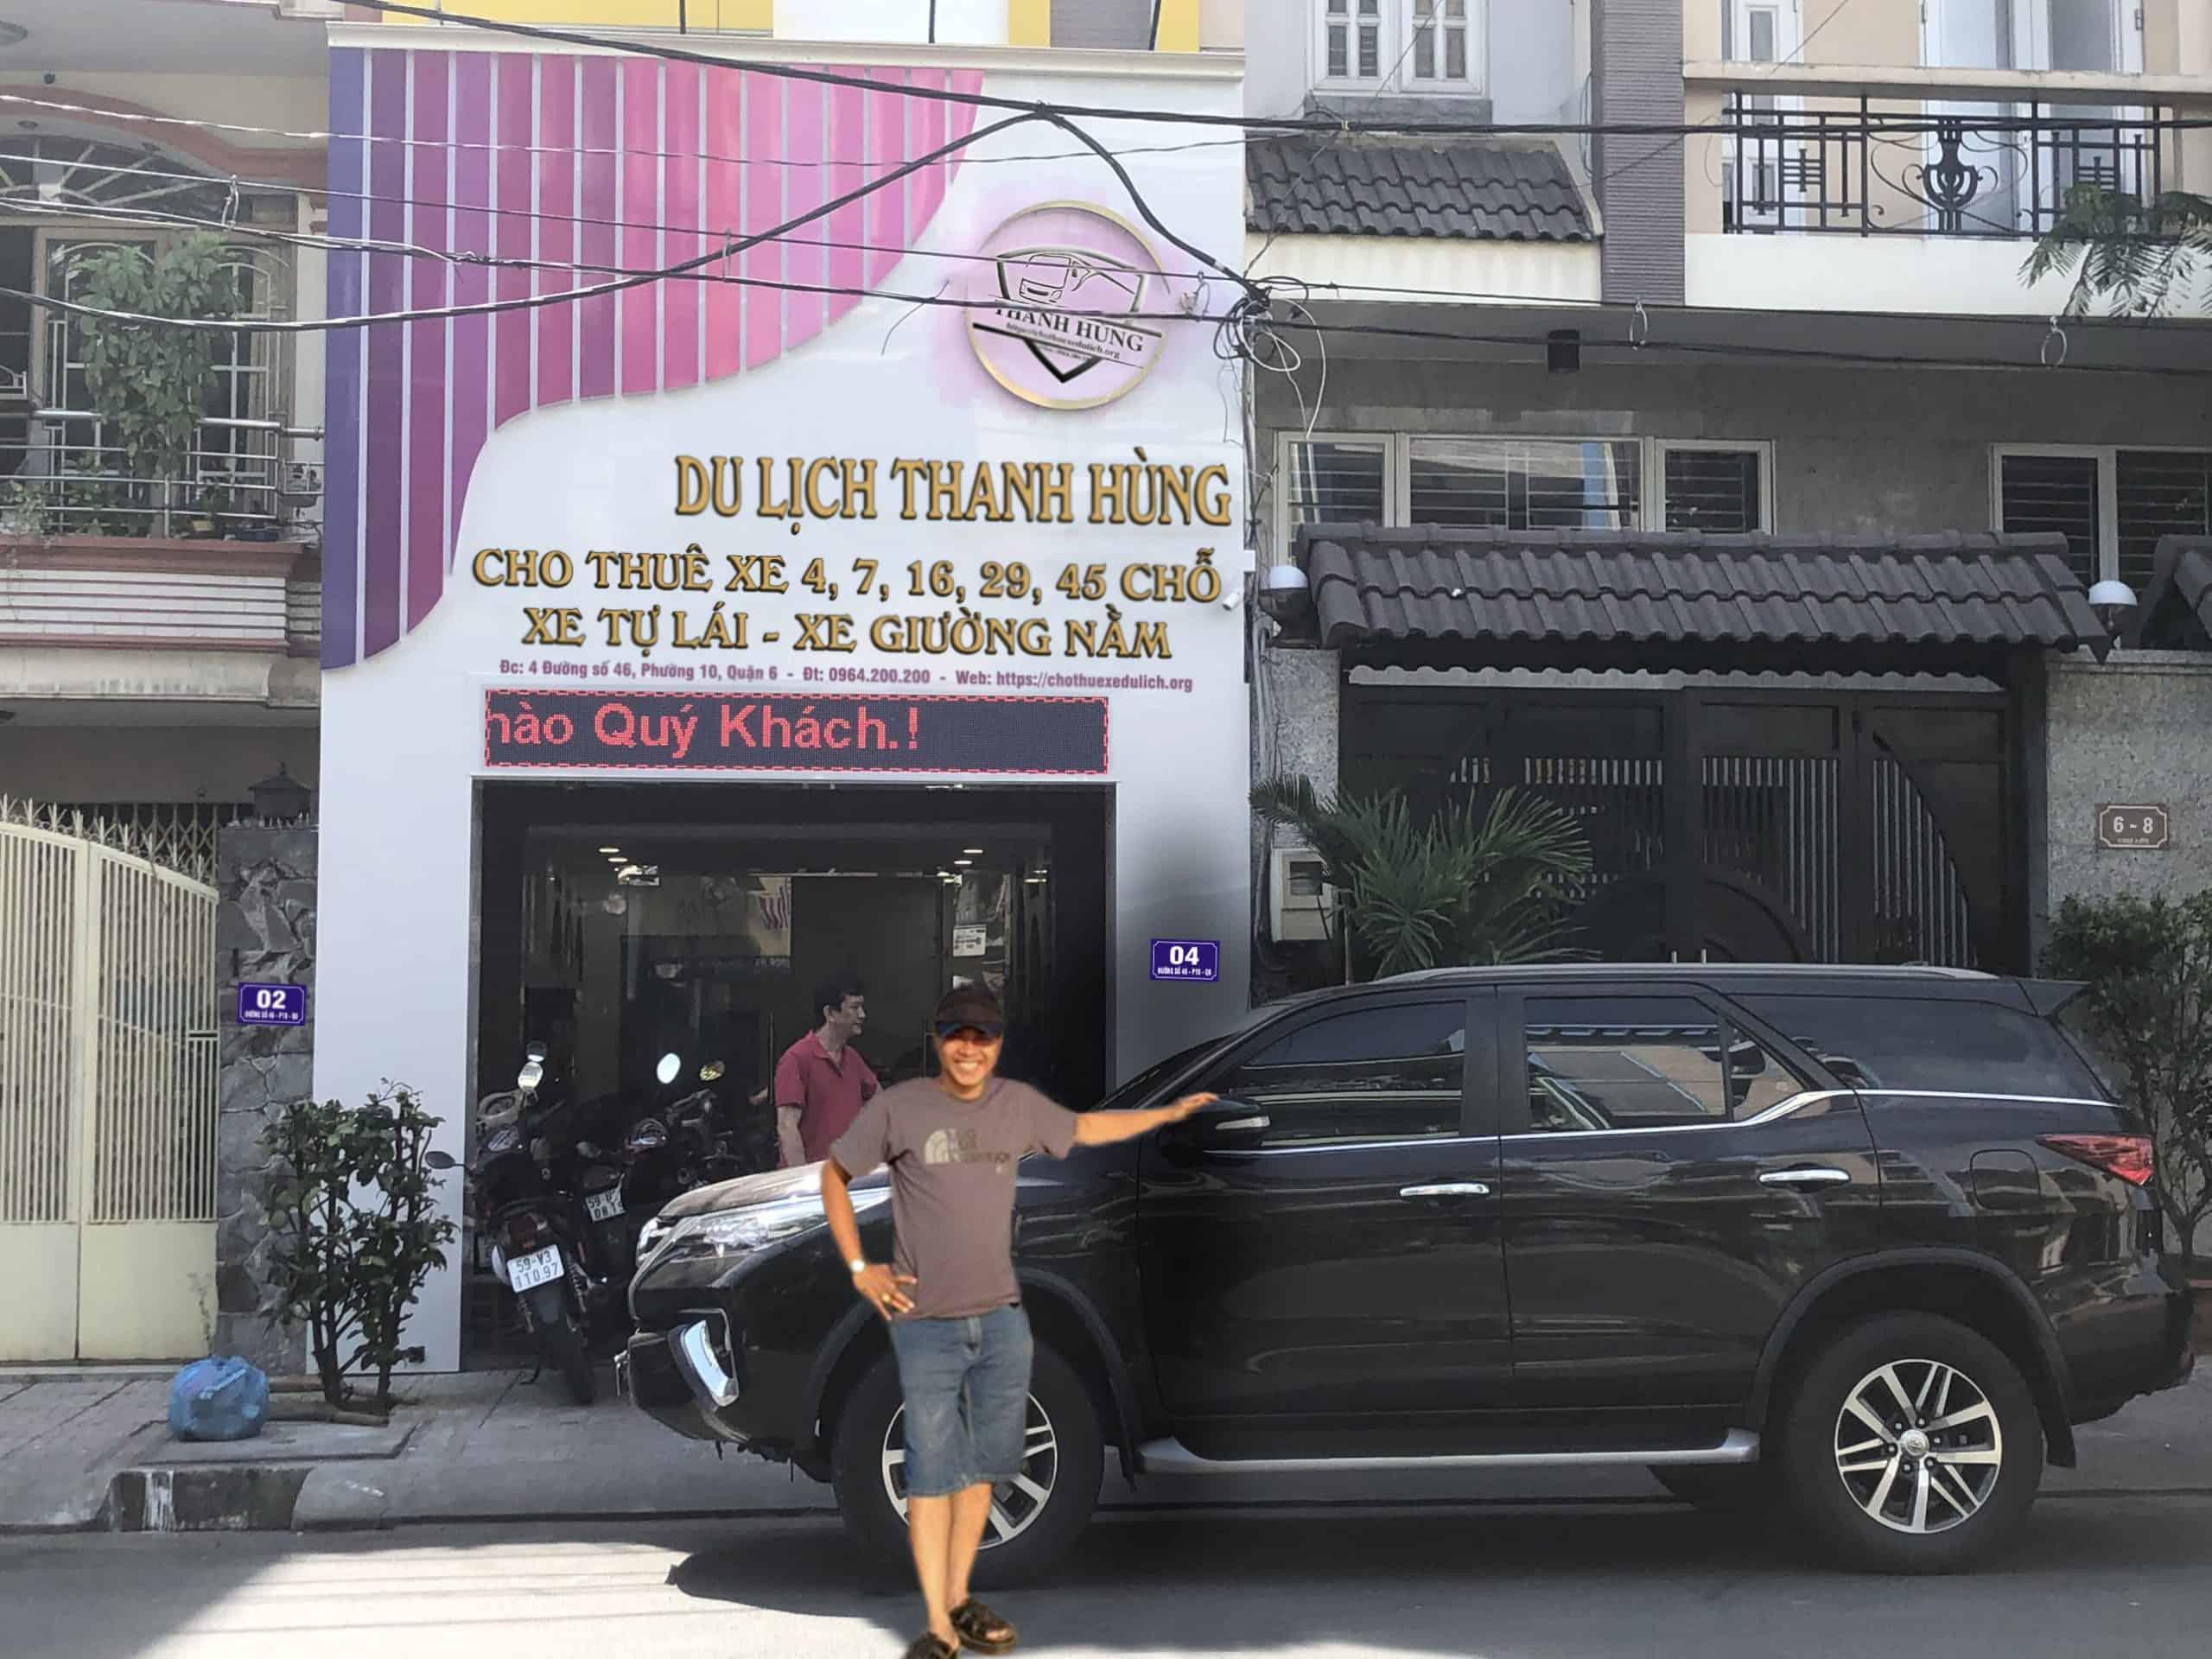 dịch vụ thanh hùng chuyên cho thuê xe tự lái